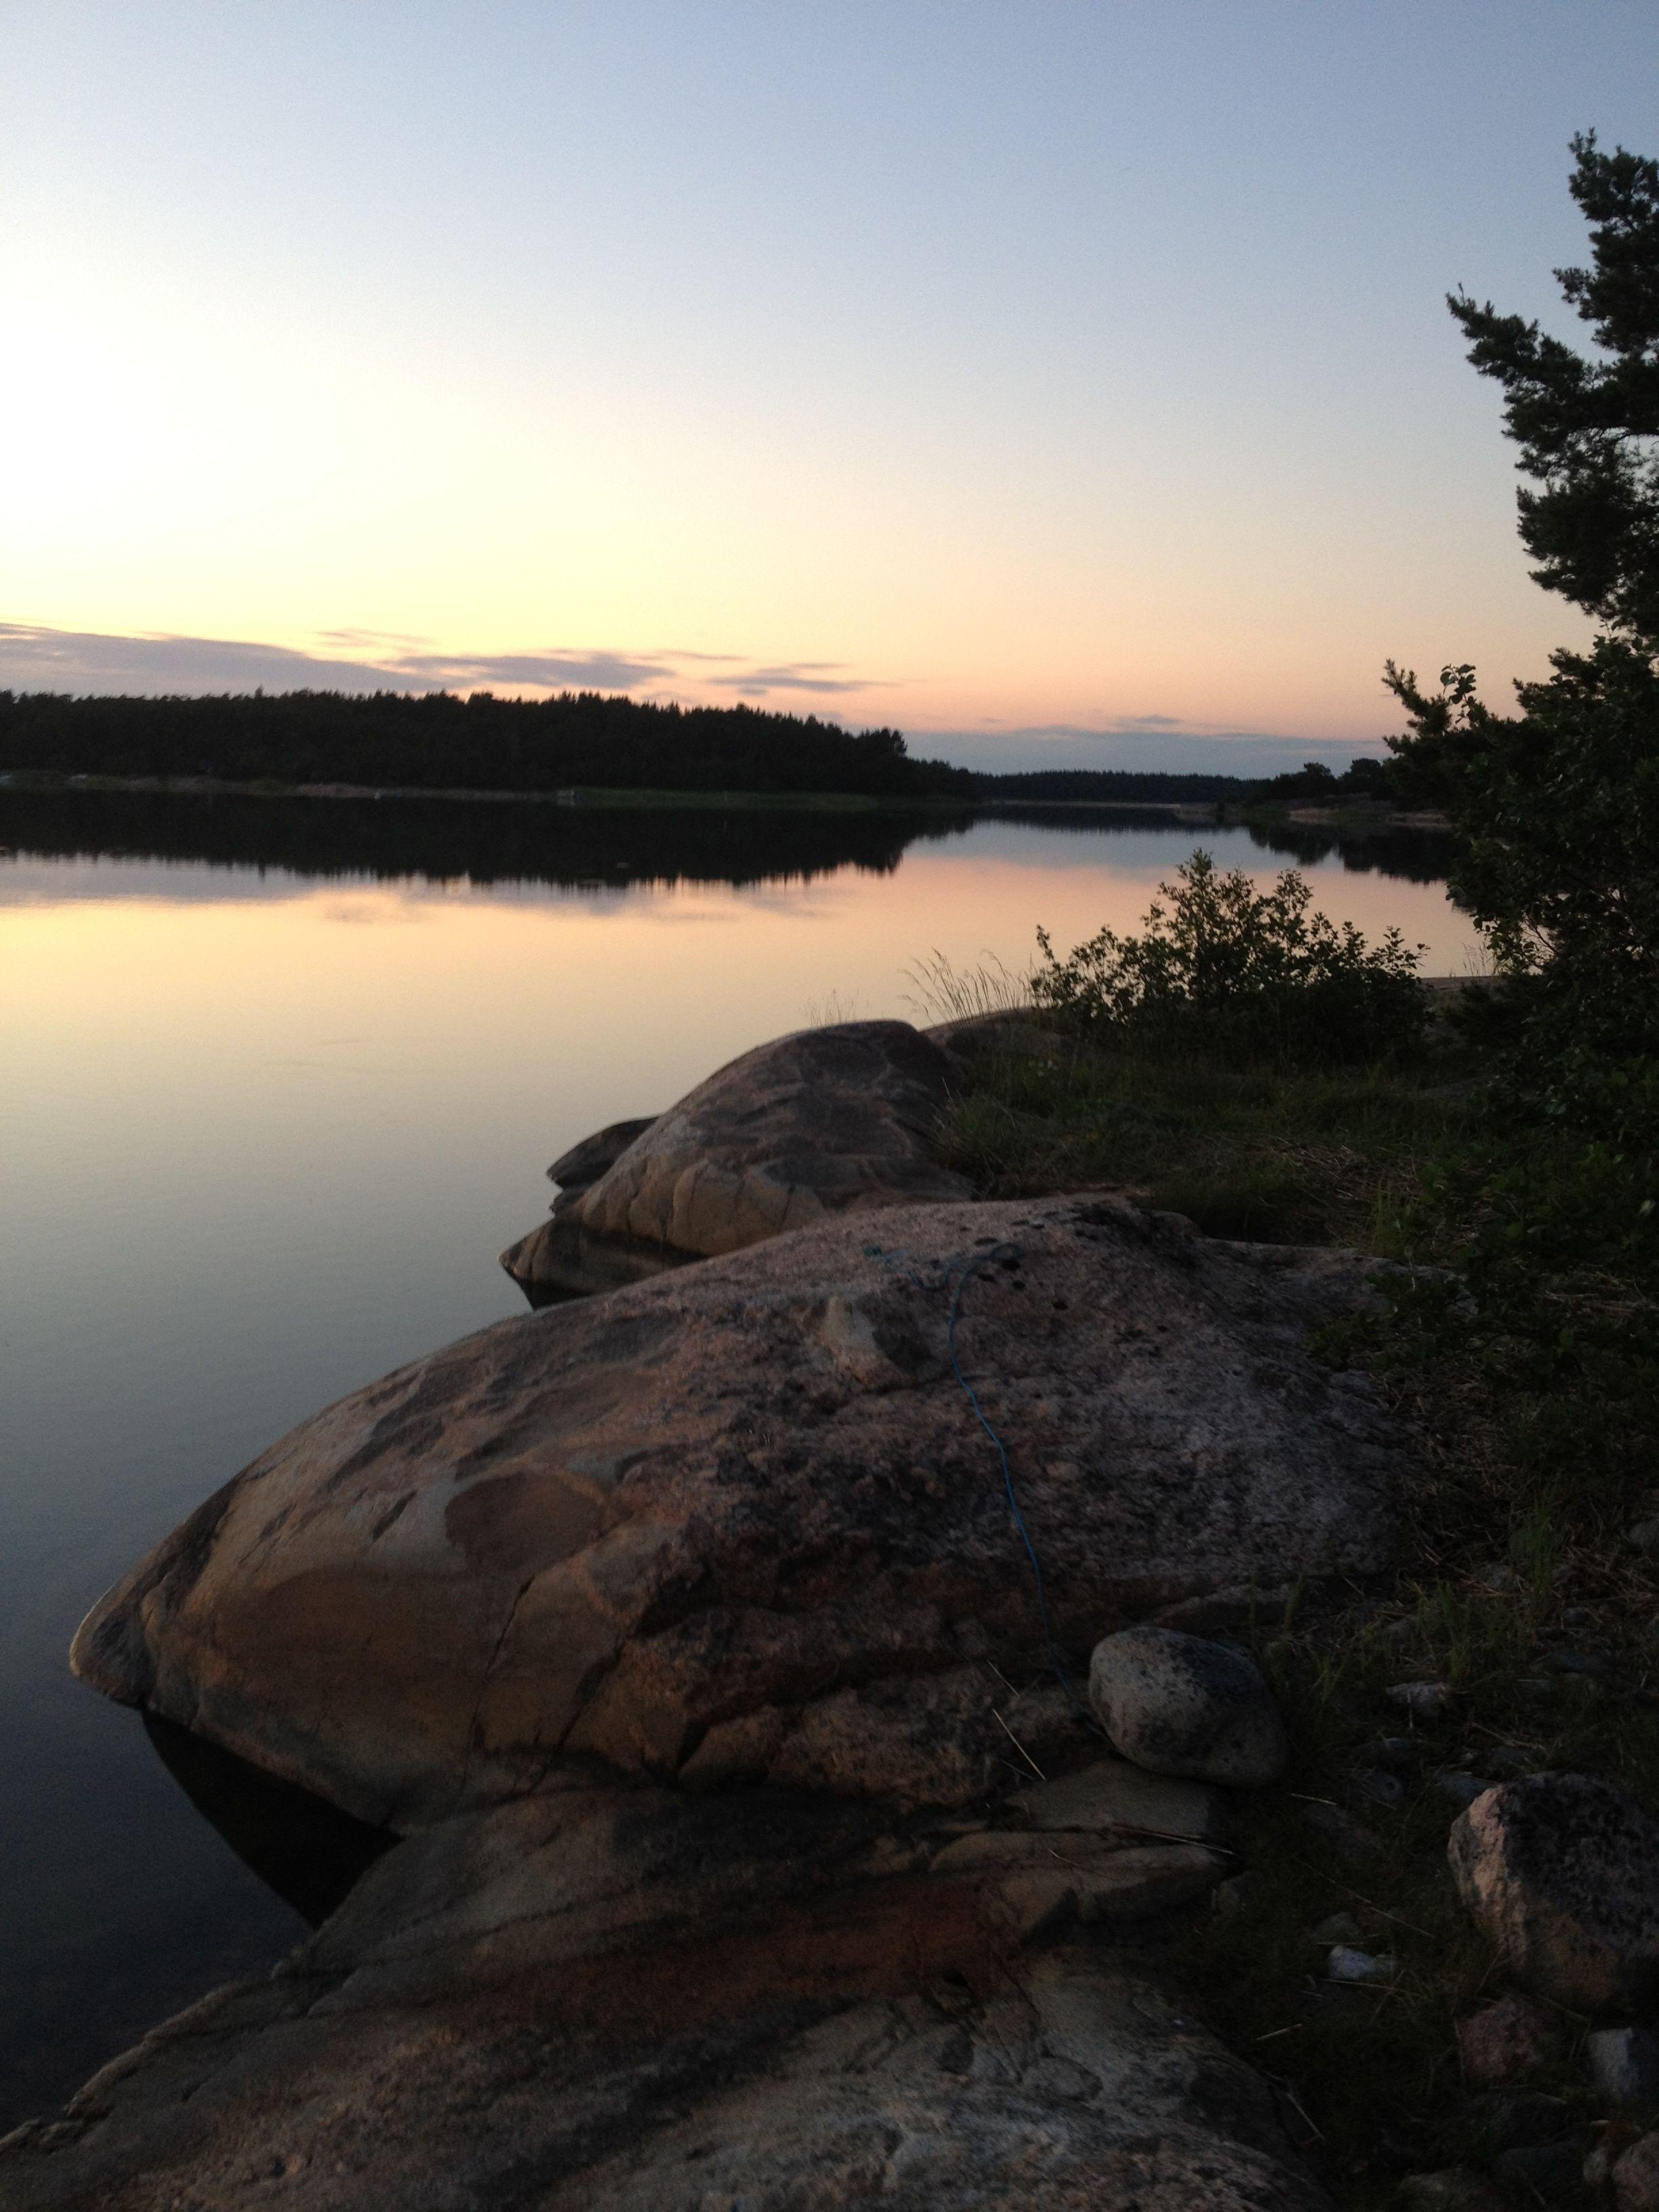 Iniö, Turun saaristo, Saaristo on suosittua lomanviettoaluetta.